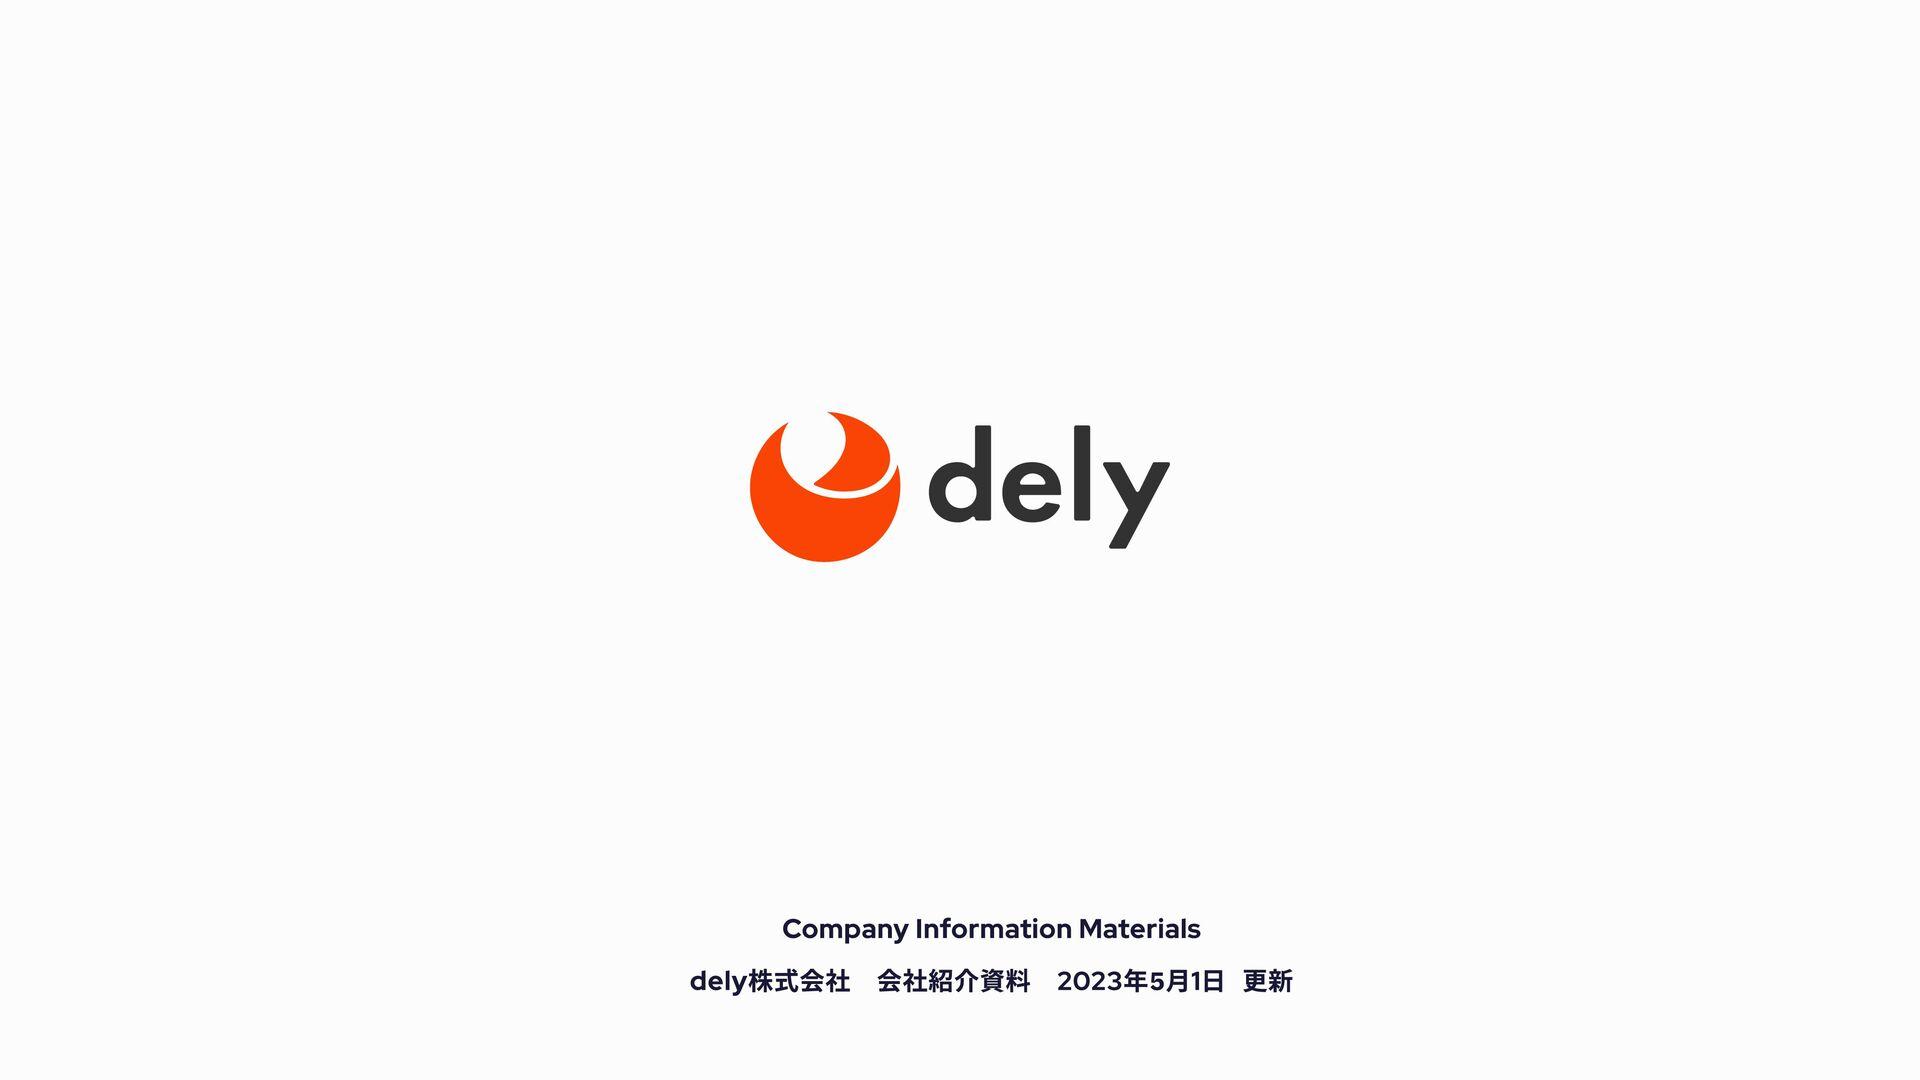 dely株式会社 会社紹介資料